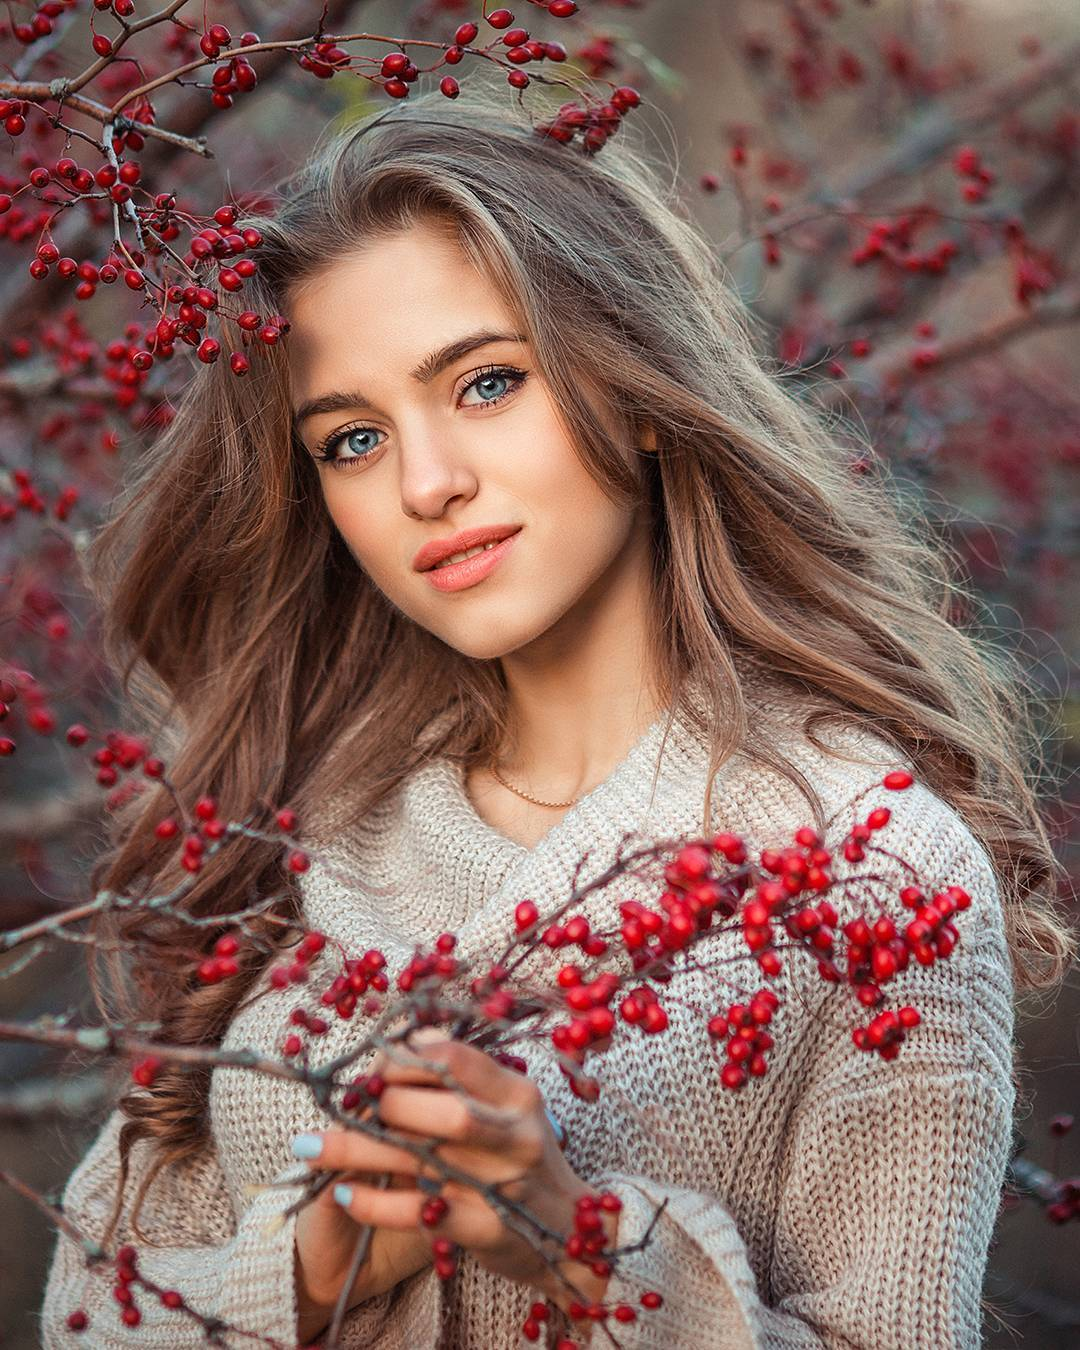 Russian women beautiful Top 35